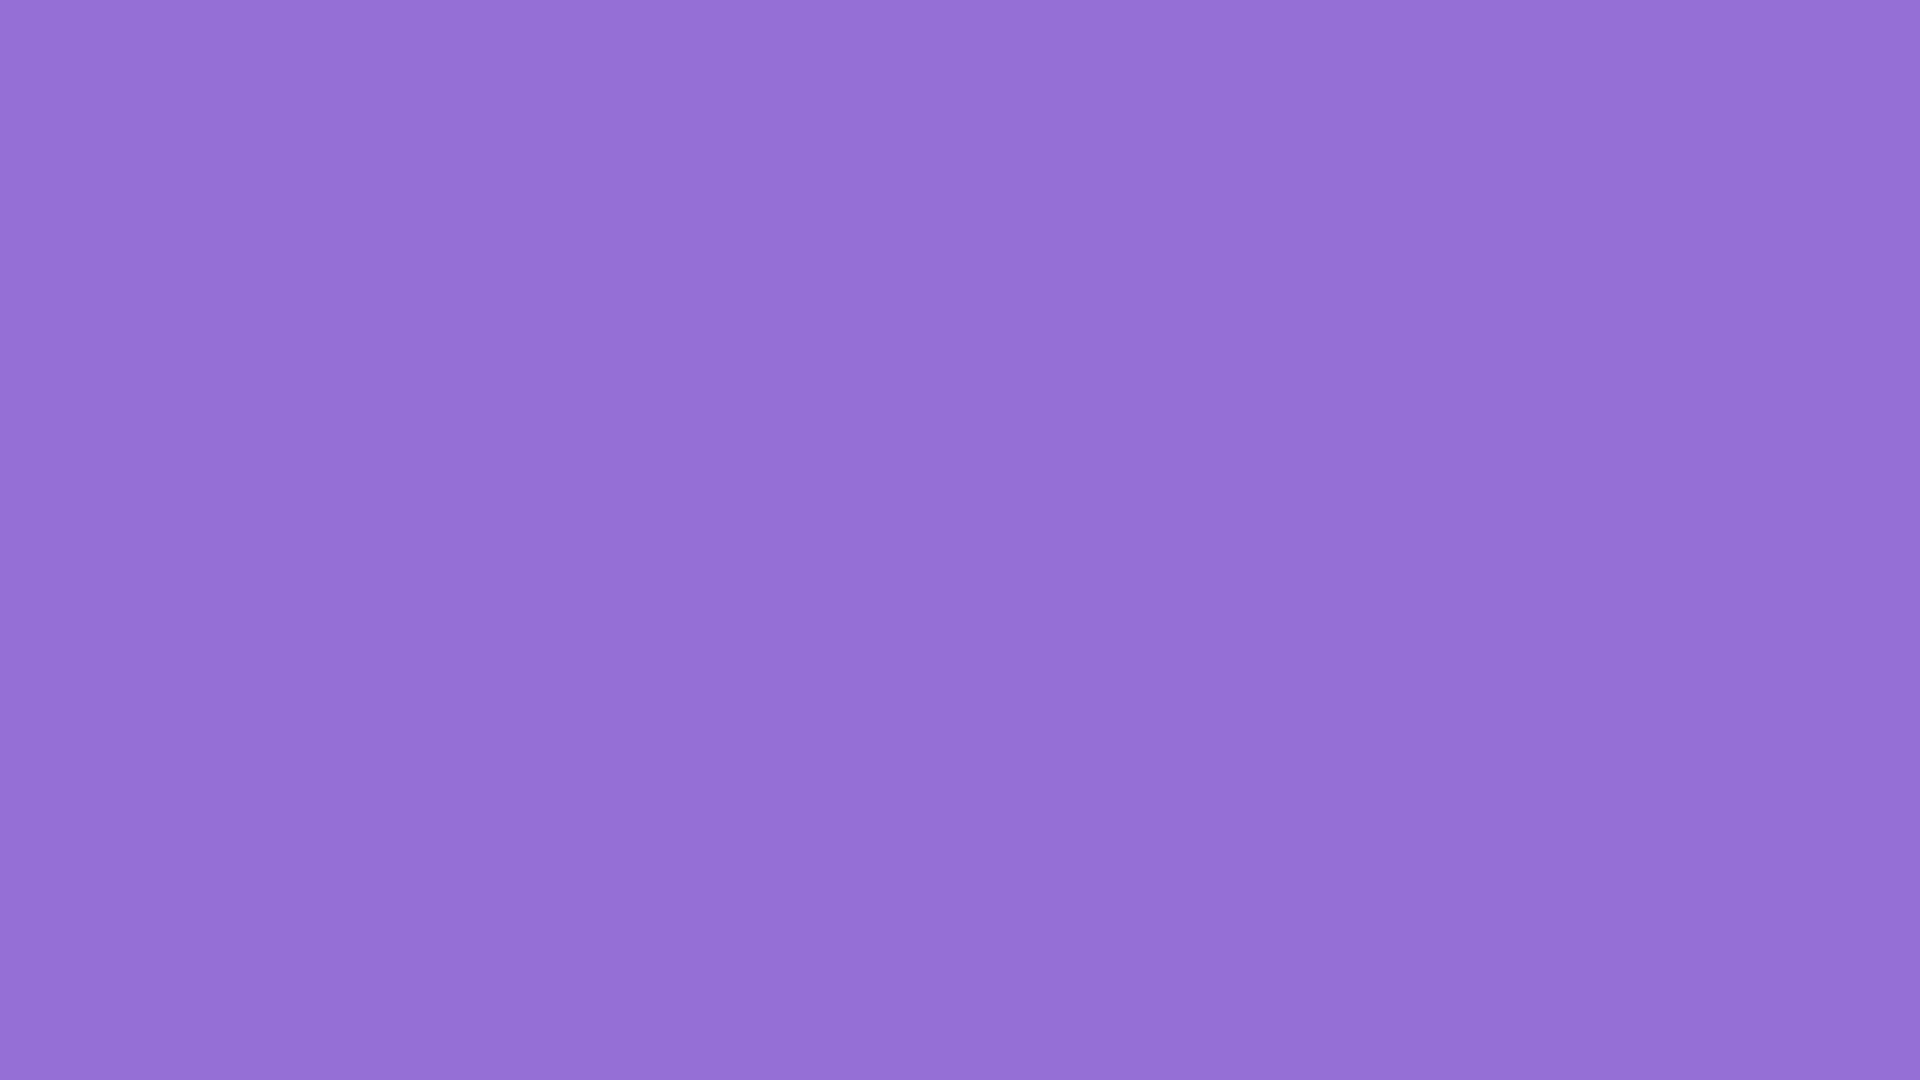 Hd wallpapers color purple 61 images - Wallpaper lavender color ...